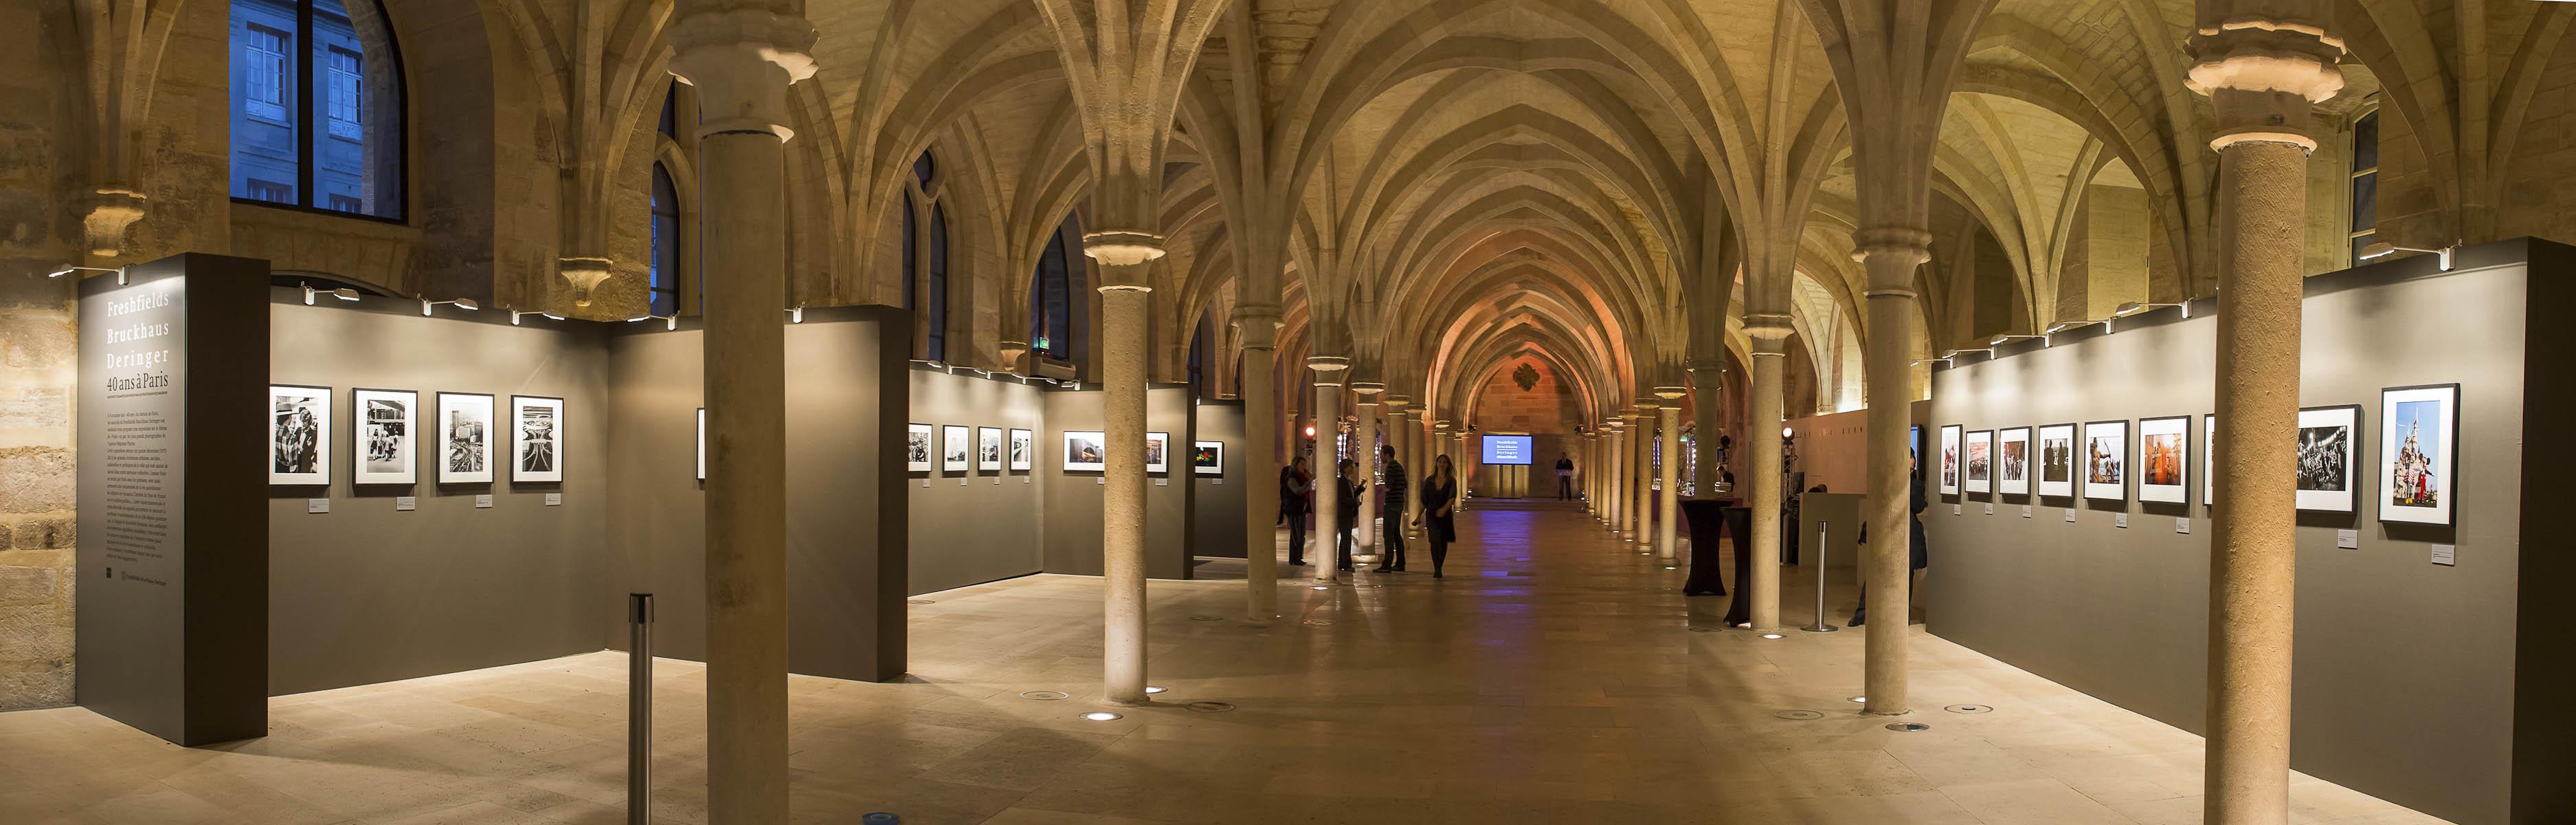 Photographe de Vue Panoramique : Collège des Bernardins